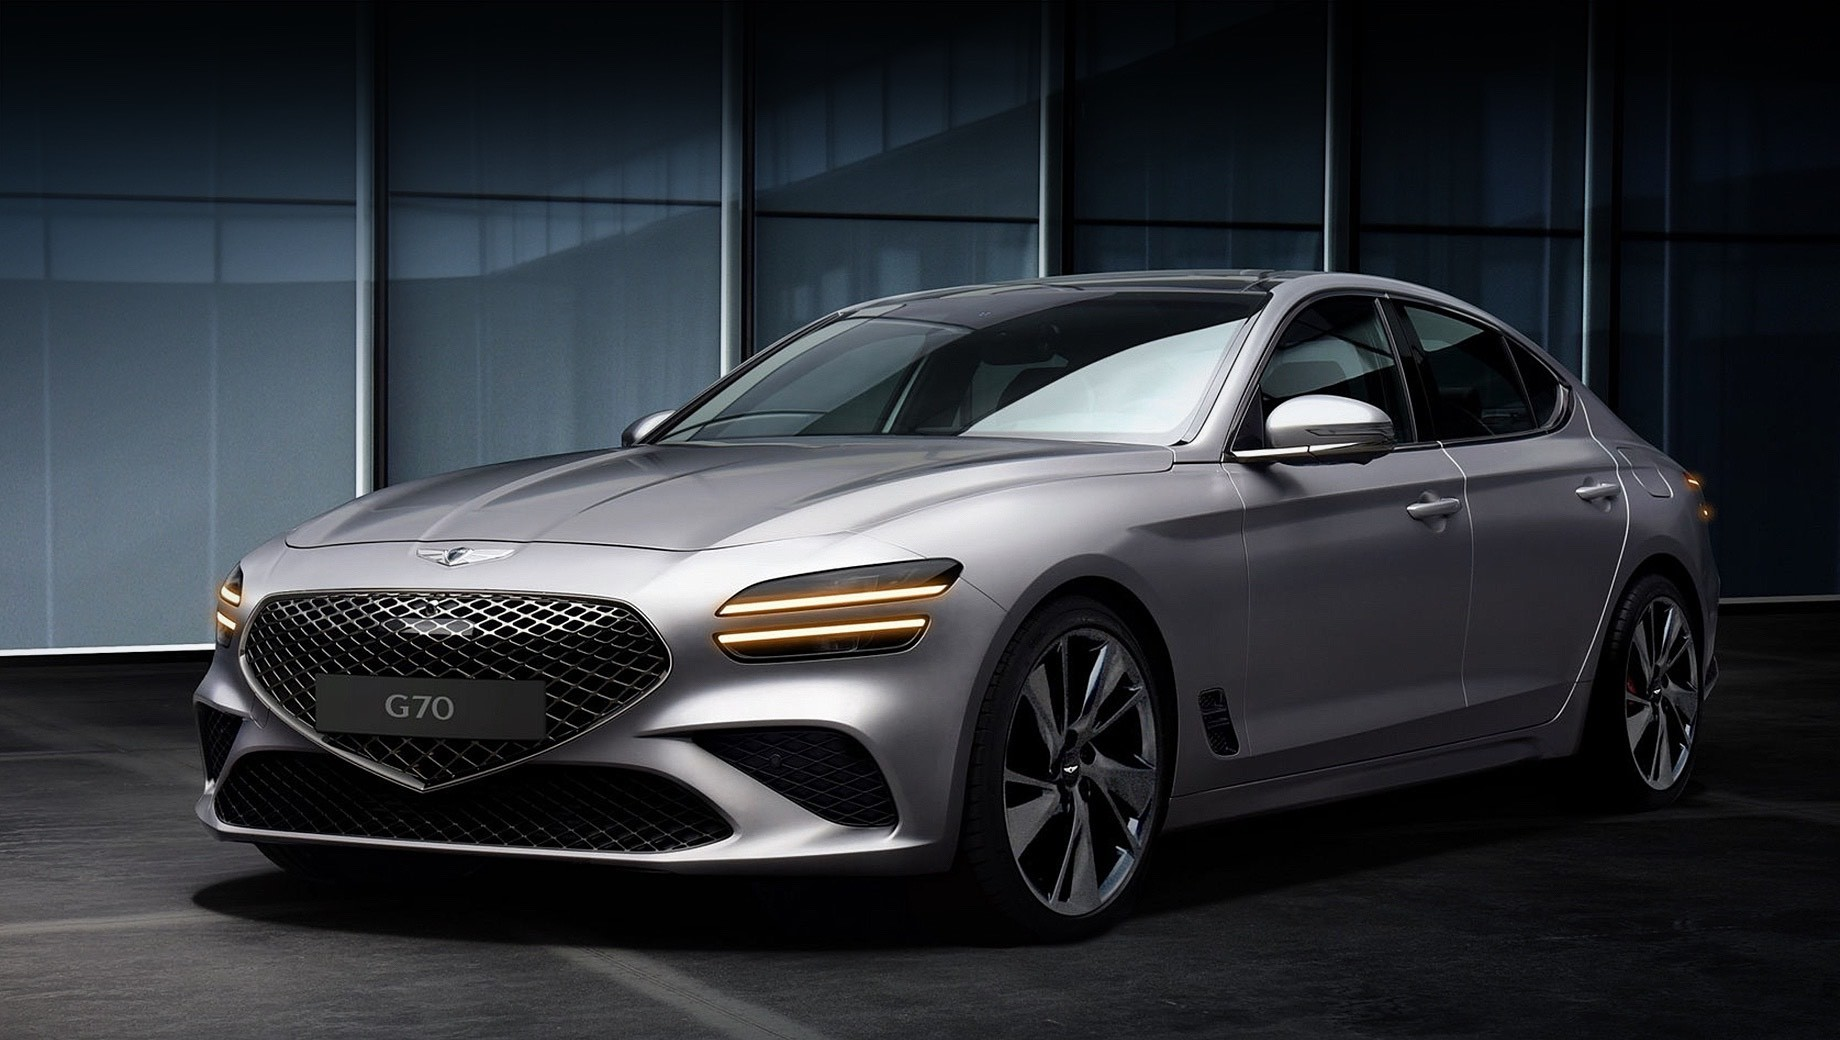 Genesis g70. Продажи рестайлингового Дженезиса G70 начнутся в октябре 2020 года, а первым рынком станет южнокорейский. На нём у четырёхдверки сохранятся прежние двигатели — бензиновые 2.0 (252 л.с.) и V6 3.3 (370), а также турбодизель 2.2 (202). Все машины — с восьмиступенчатым «автоматом», задним или полным приводом.